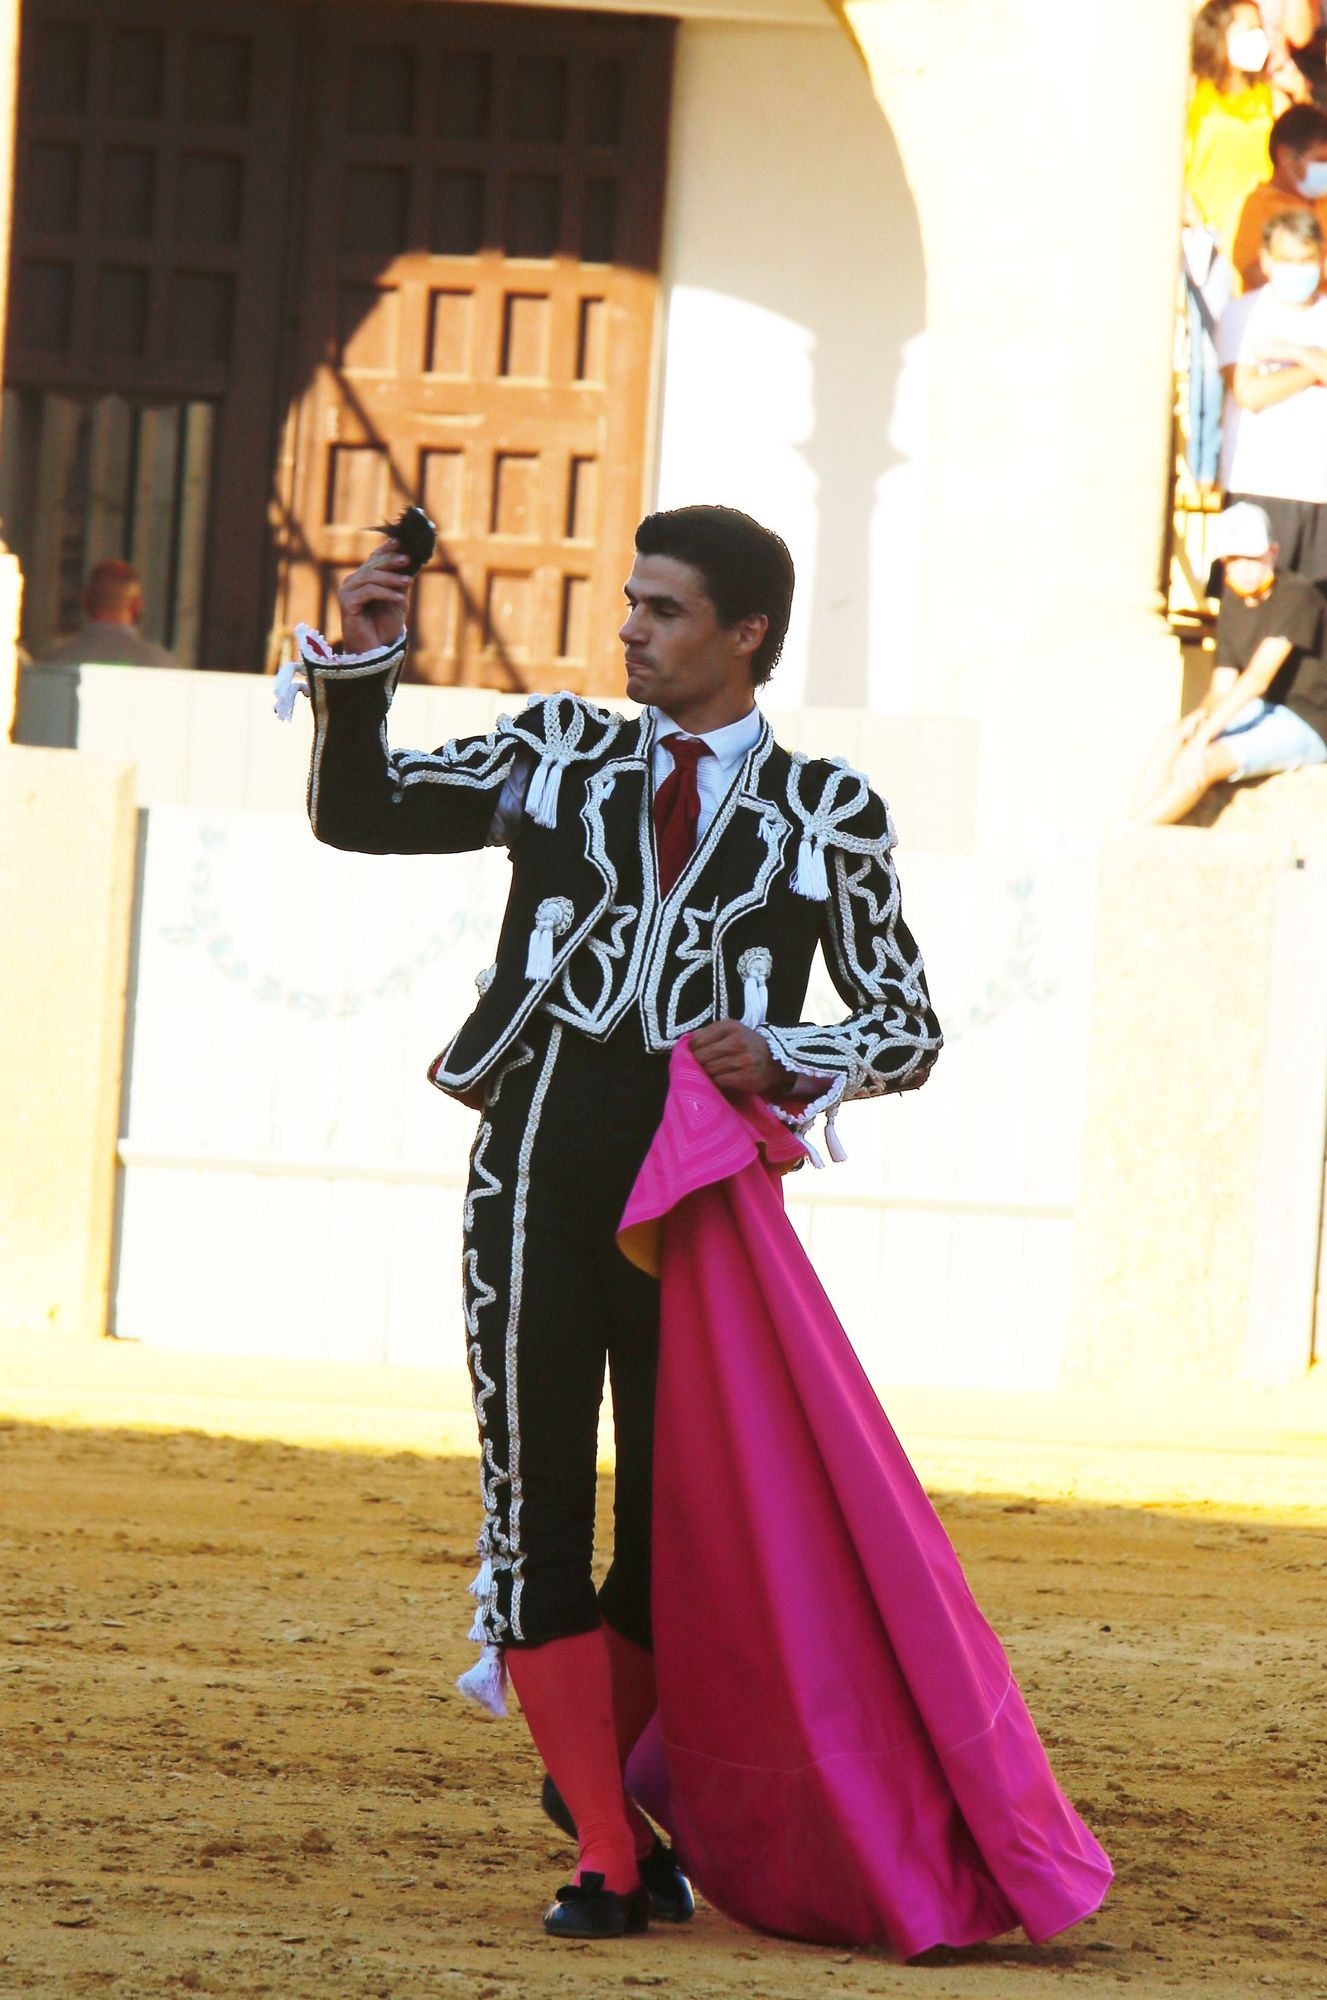 Las imágenes de la corrida goyesca de Ronda, con Roca Rey y Pablo Aguado